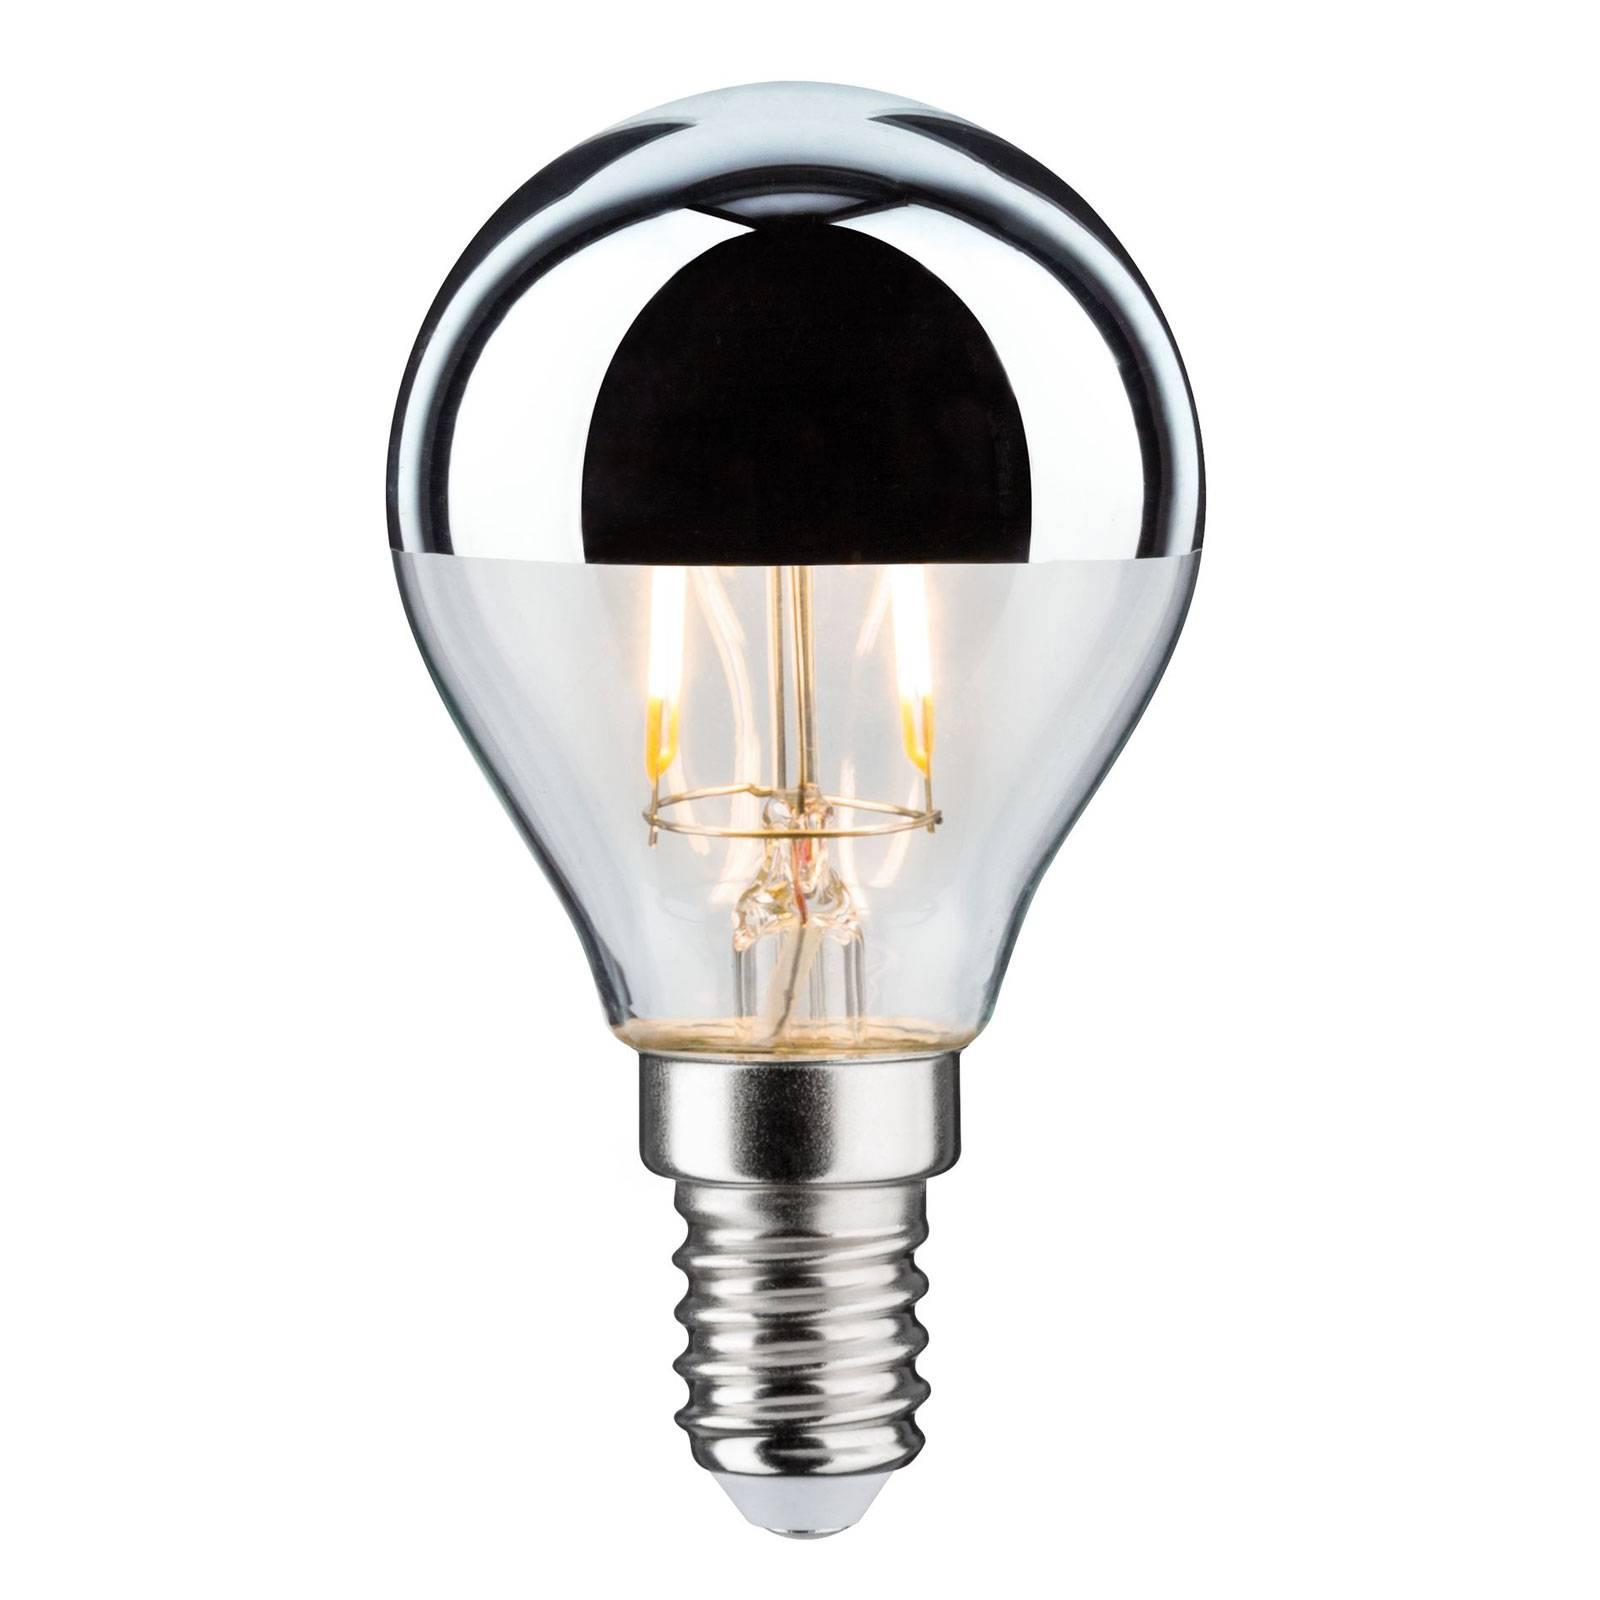 Lampadina LED E14 827 goccia dicroica argento 2,6W